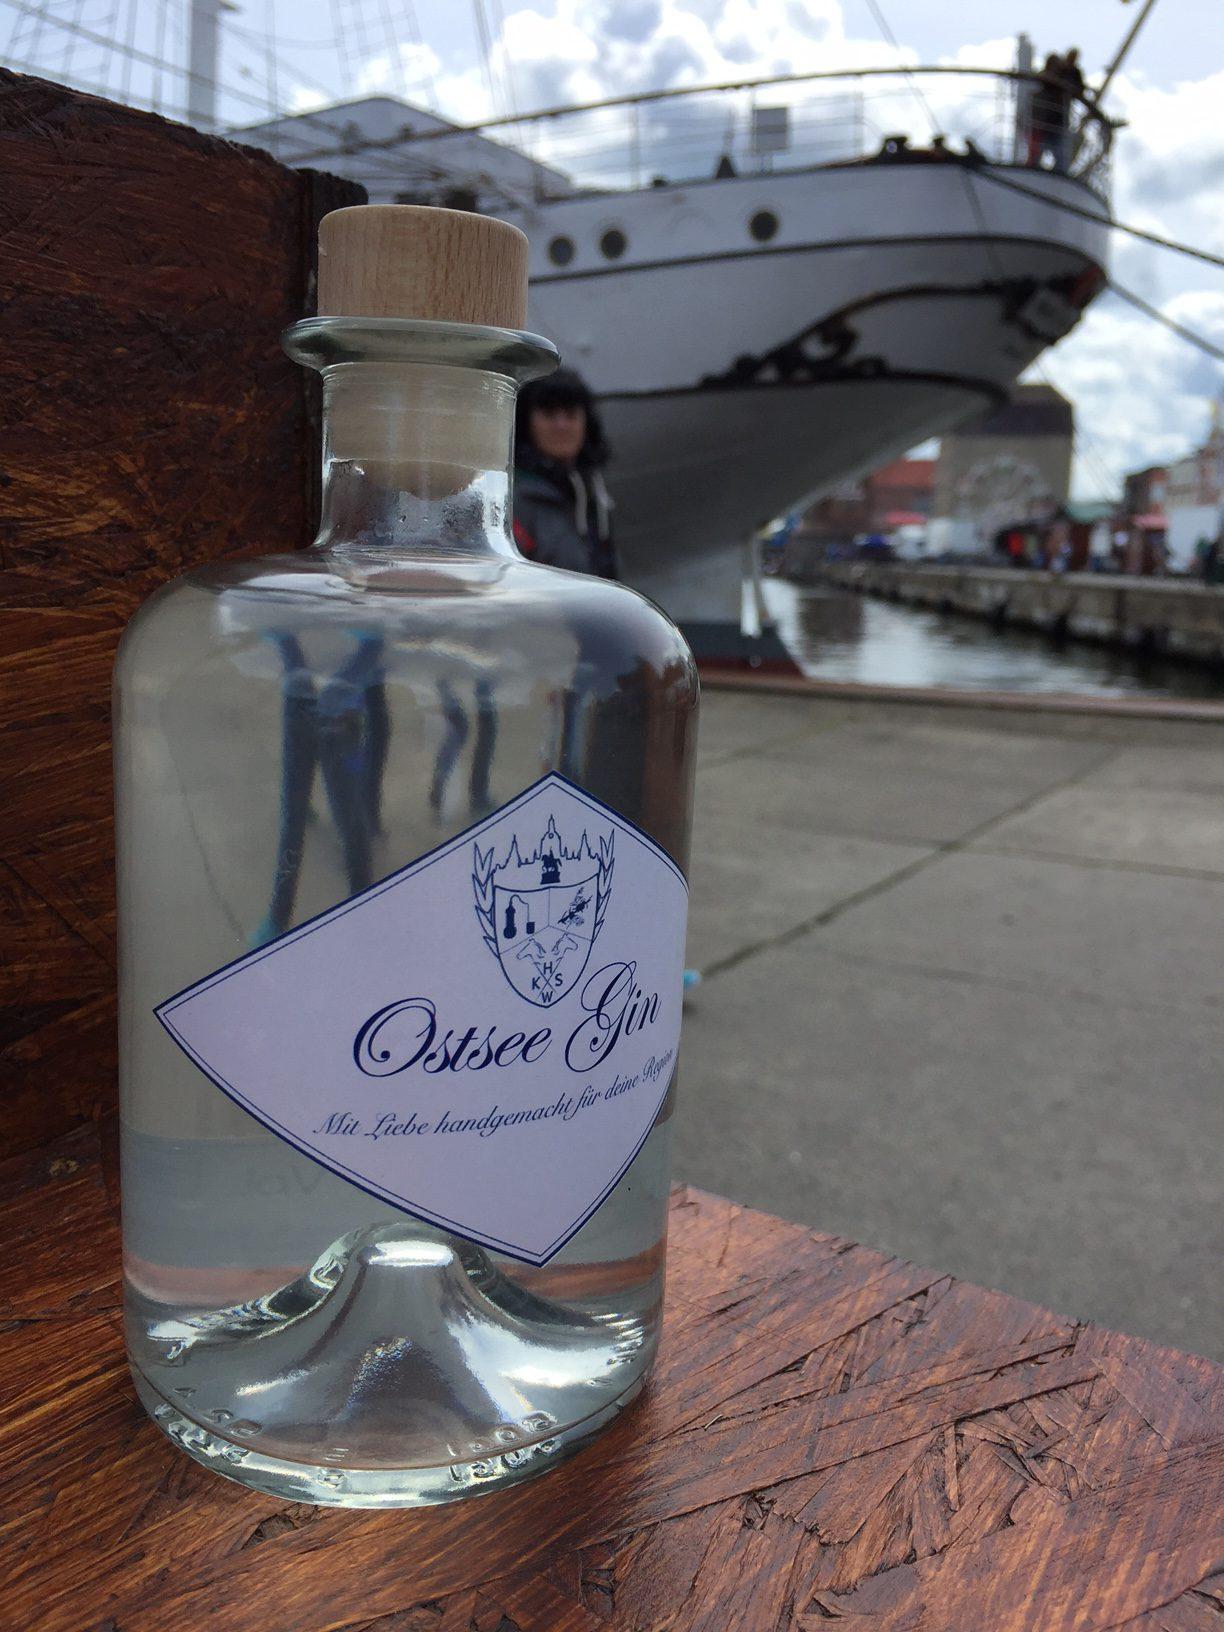 Ostsee Gin in Stralsund